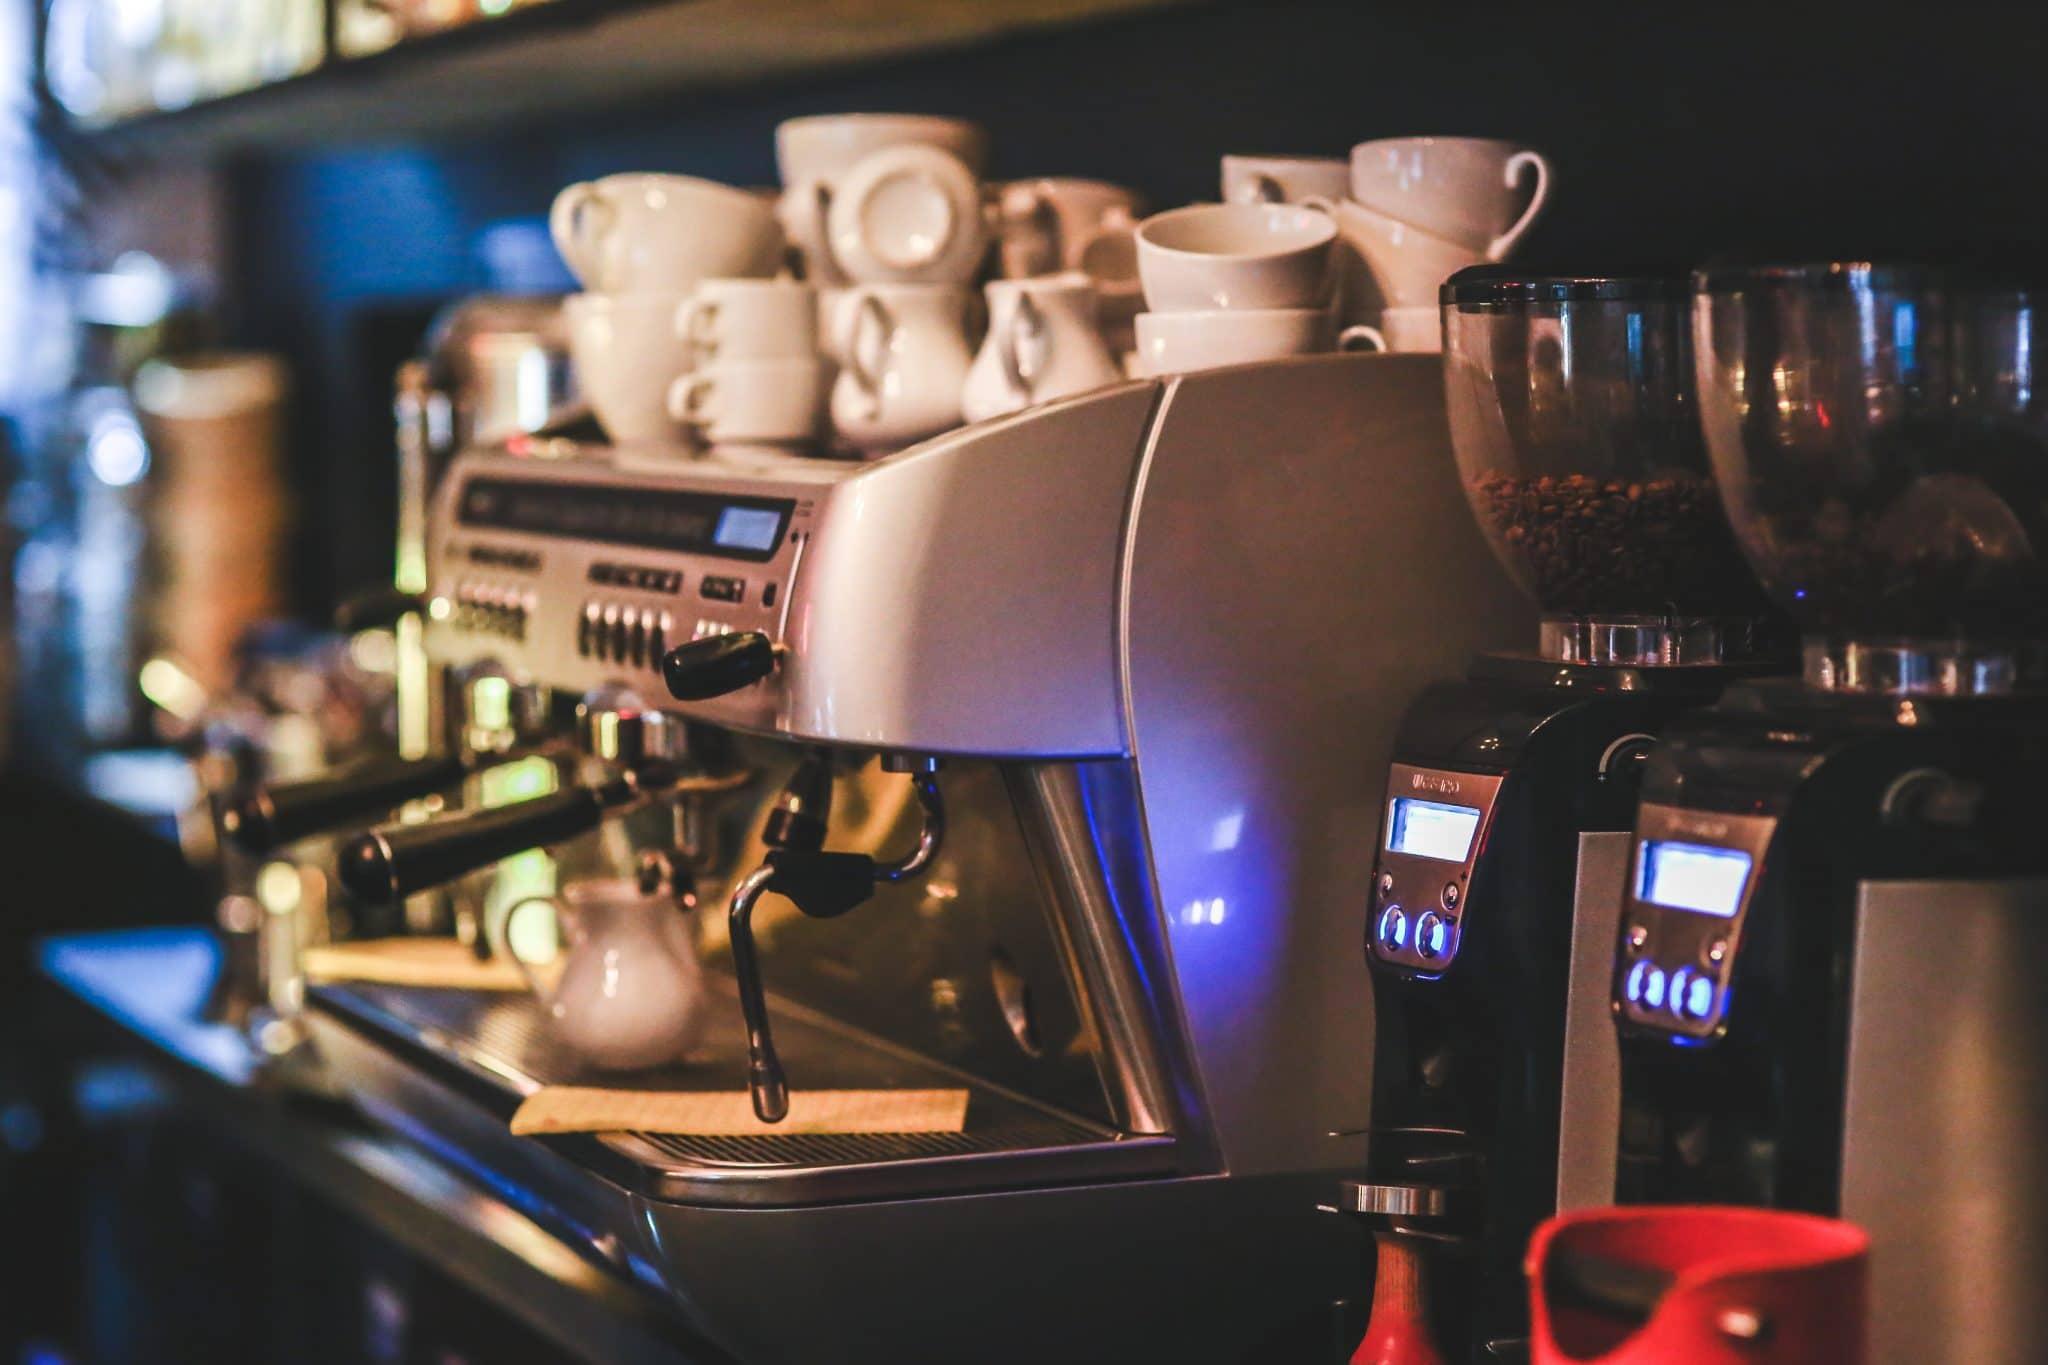 espresso maker stovetop, espresso maker reviews